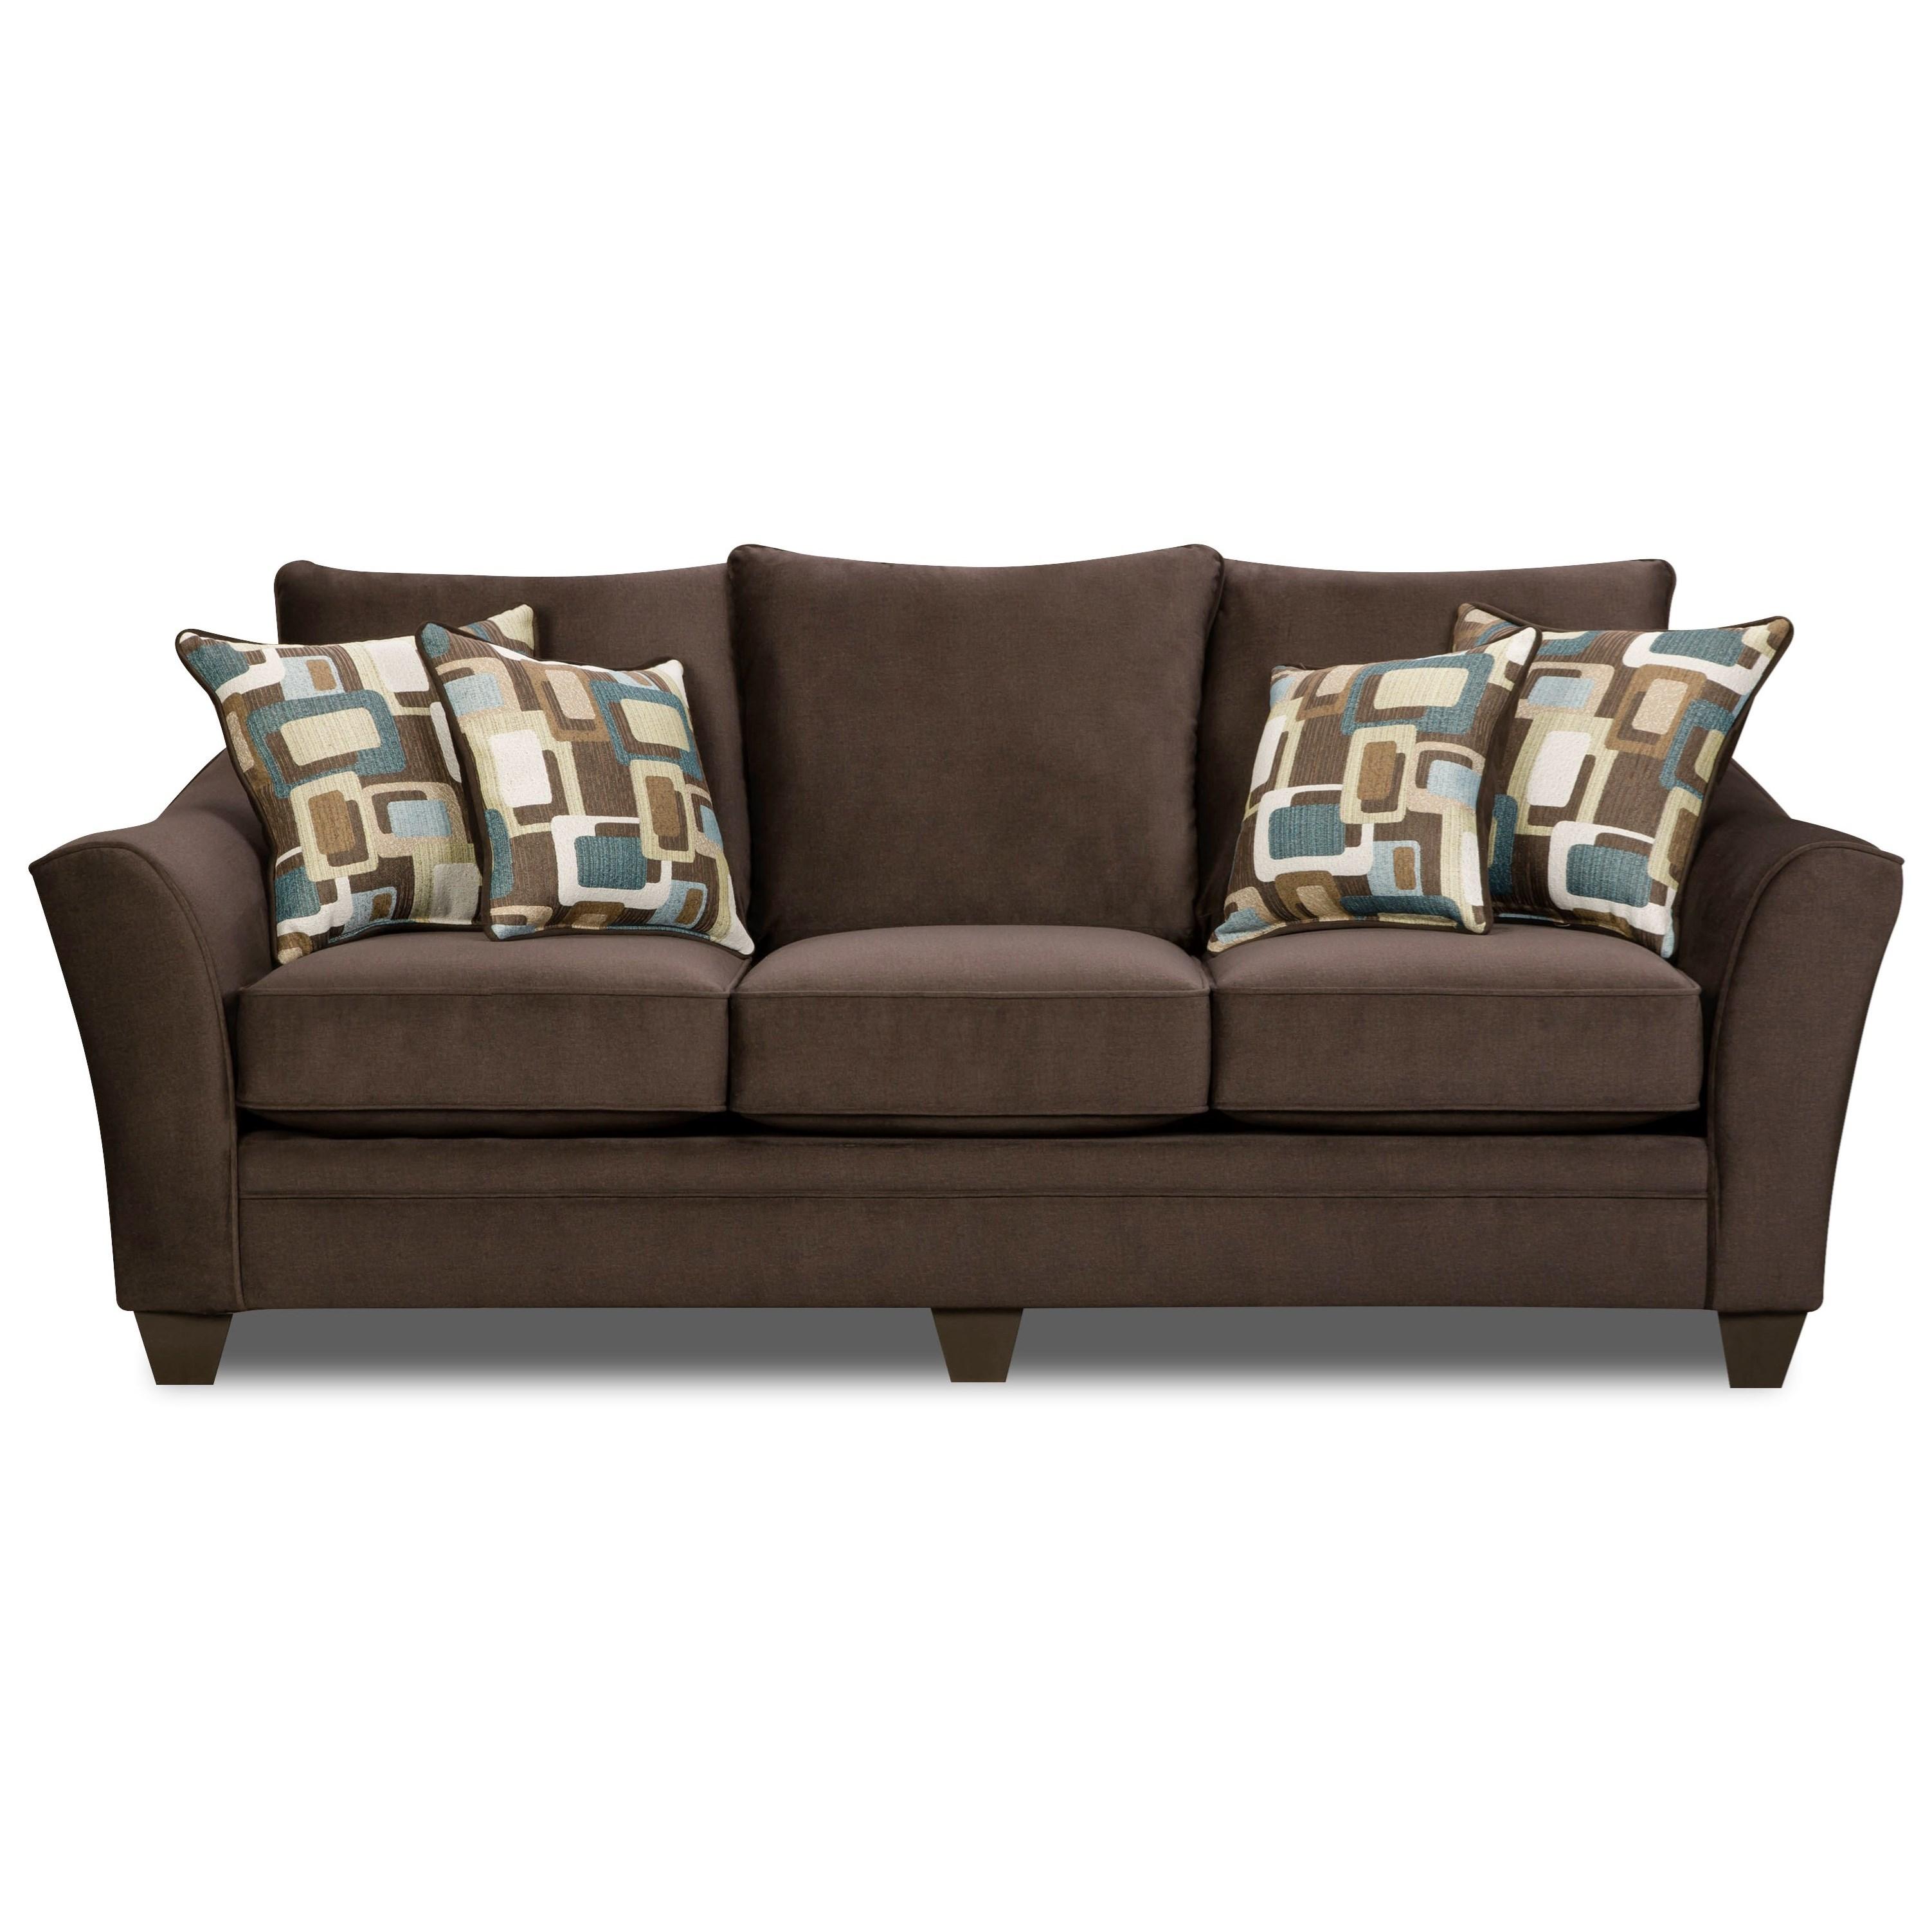 3850 Sofa by Peak Living at Darvin Furniture